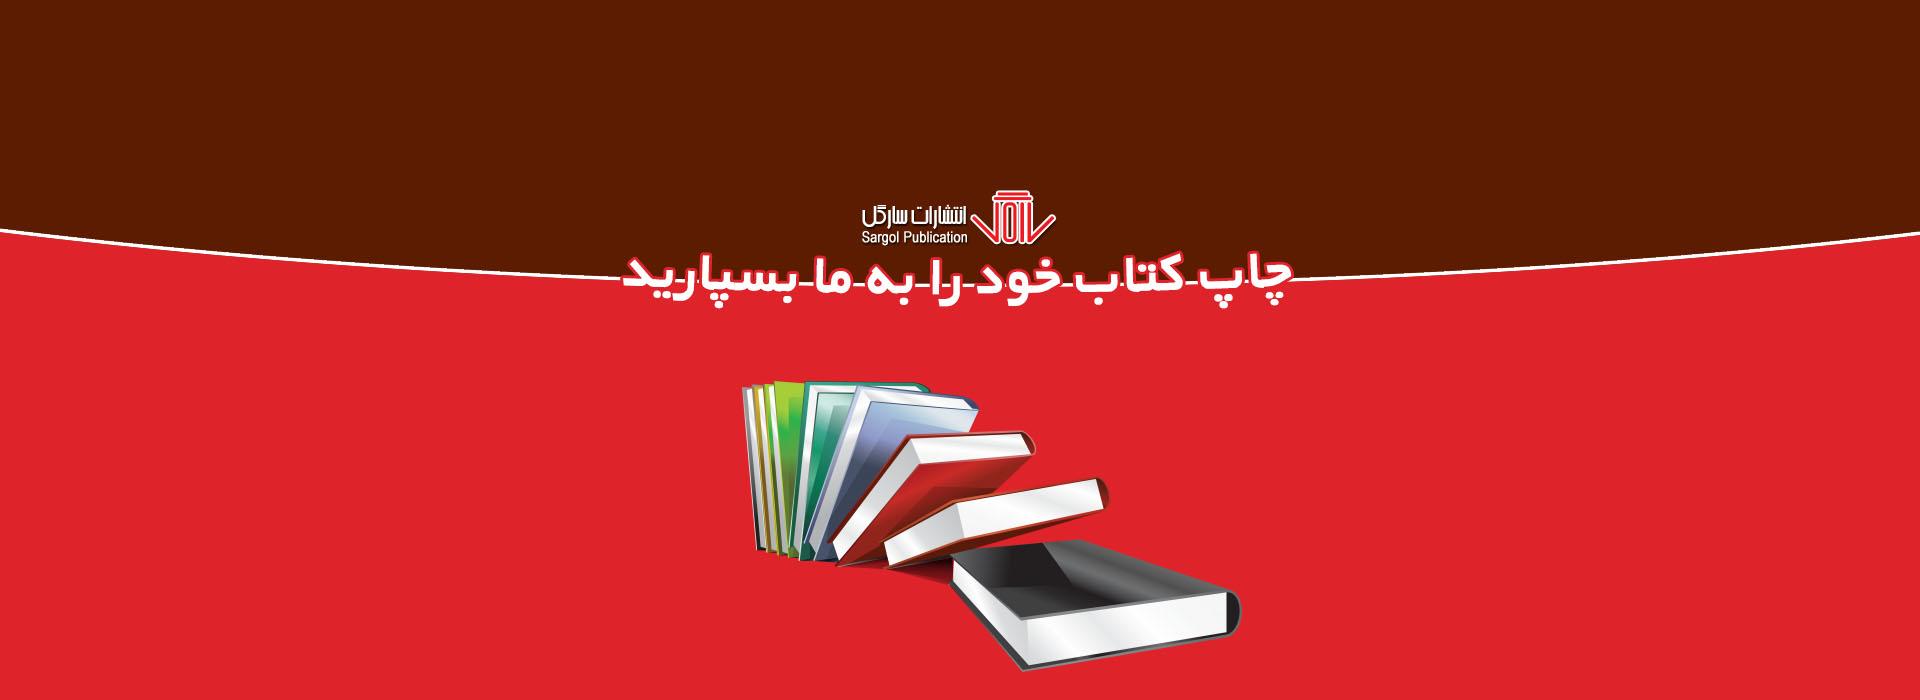 title_5a1866c3e13de18912838641511548611